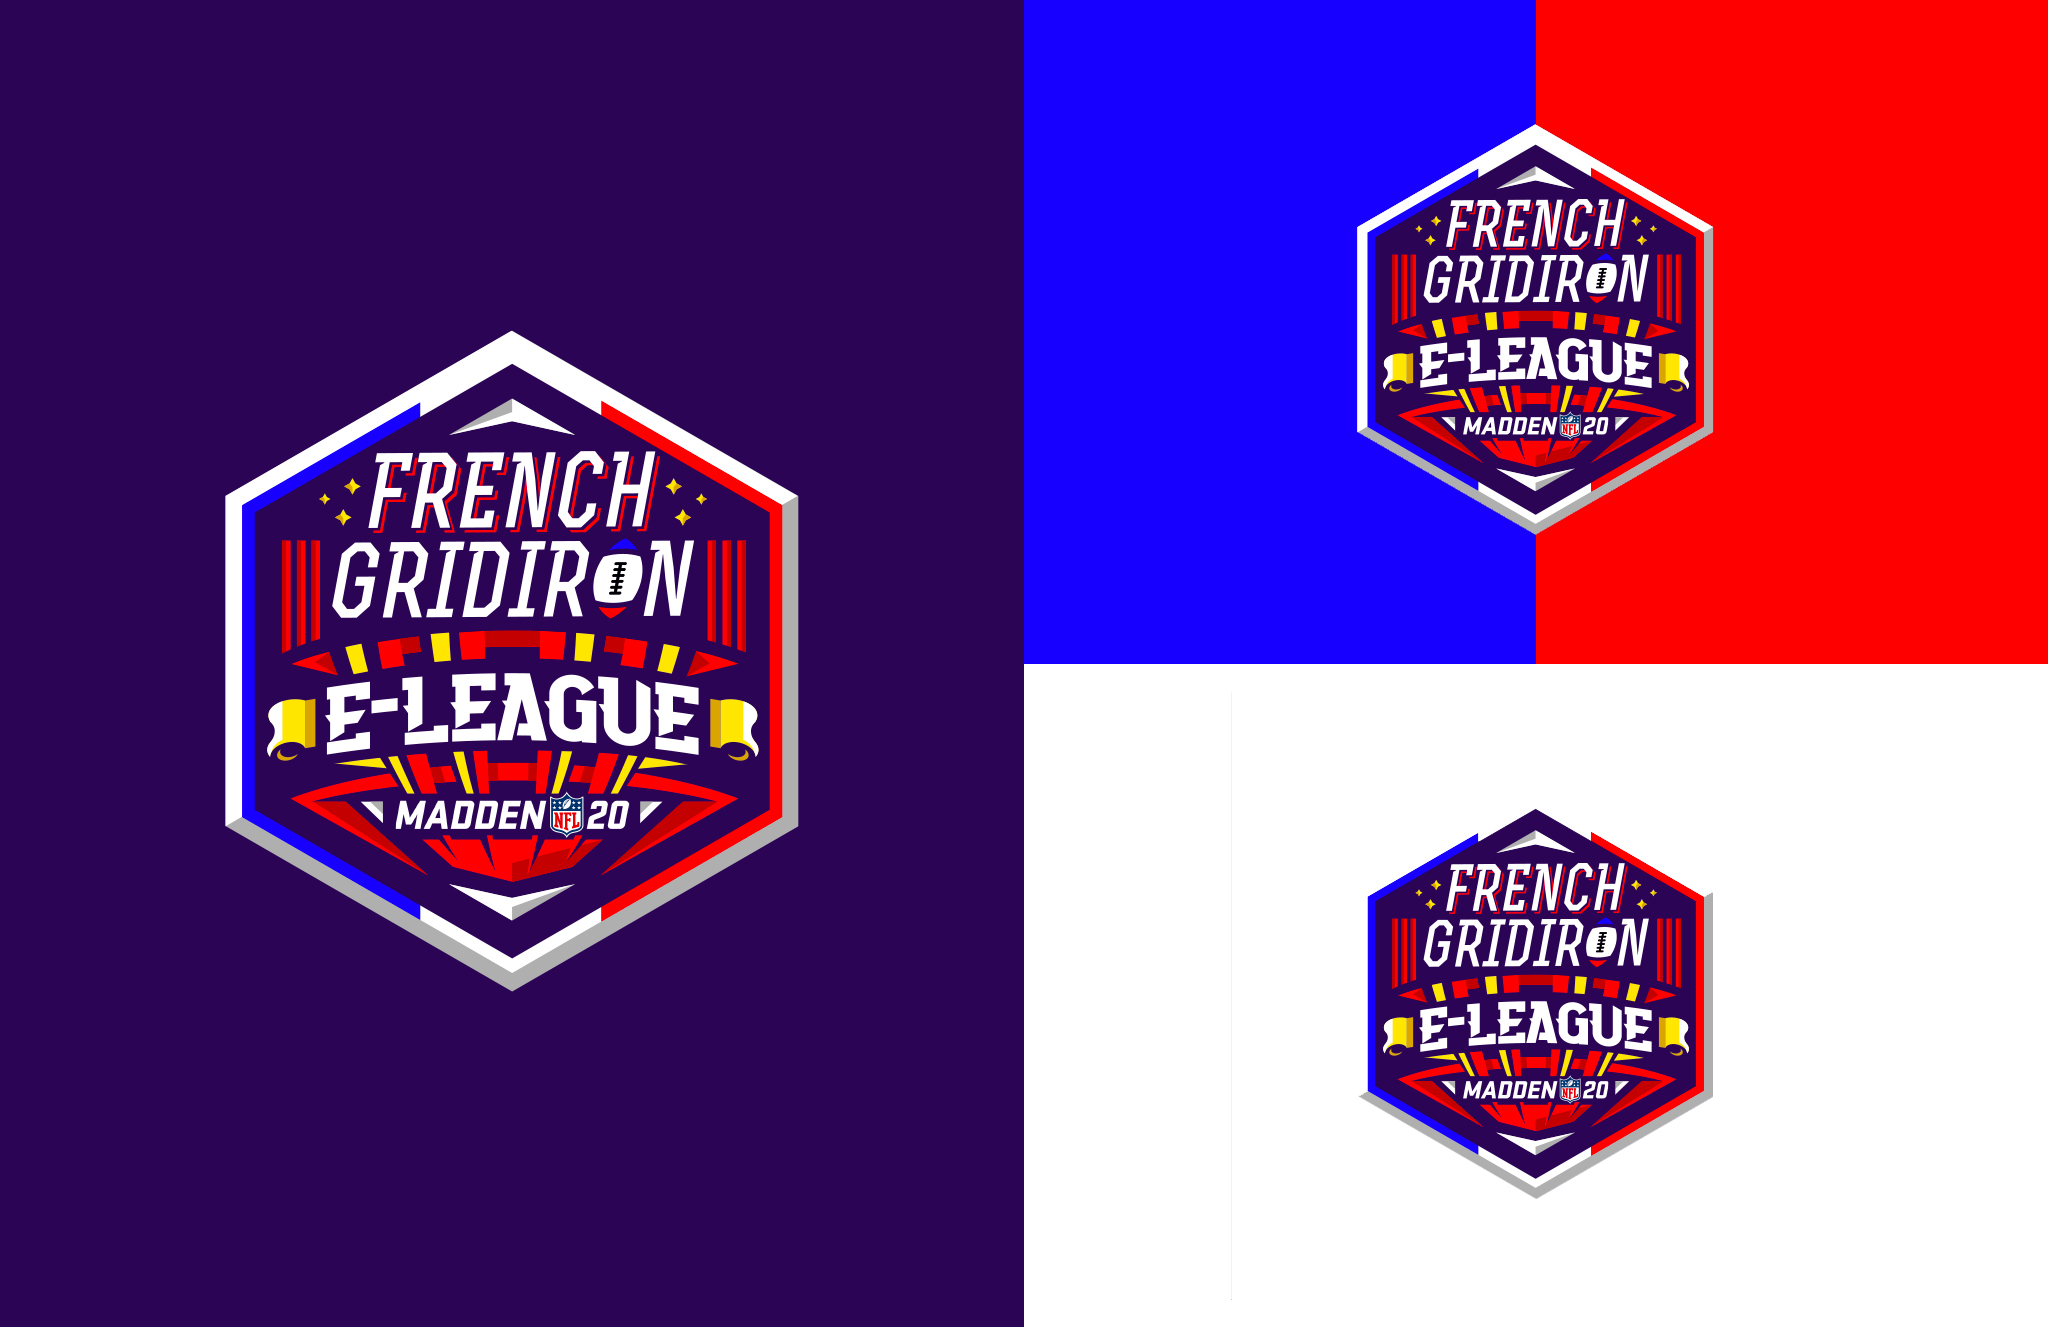 FFFA-French-Gridiron-ELeague-logo